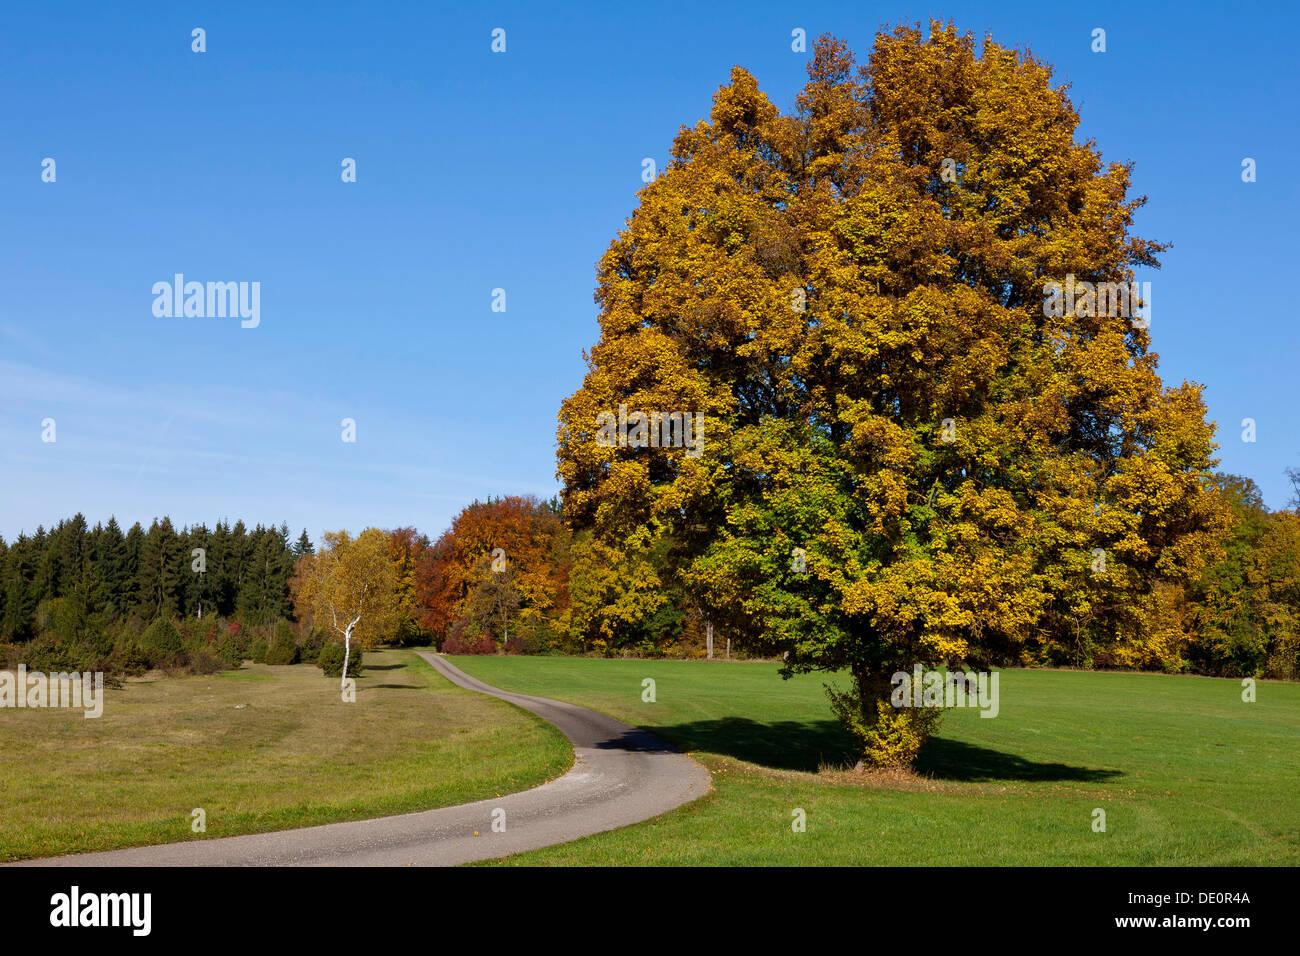 Path through a field with autumn trees, Gerstetten, Swabian Jura, Schwäbische Alb, Baden-Württemberg, Germany - Stock Image